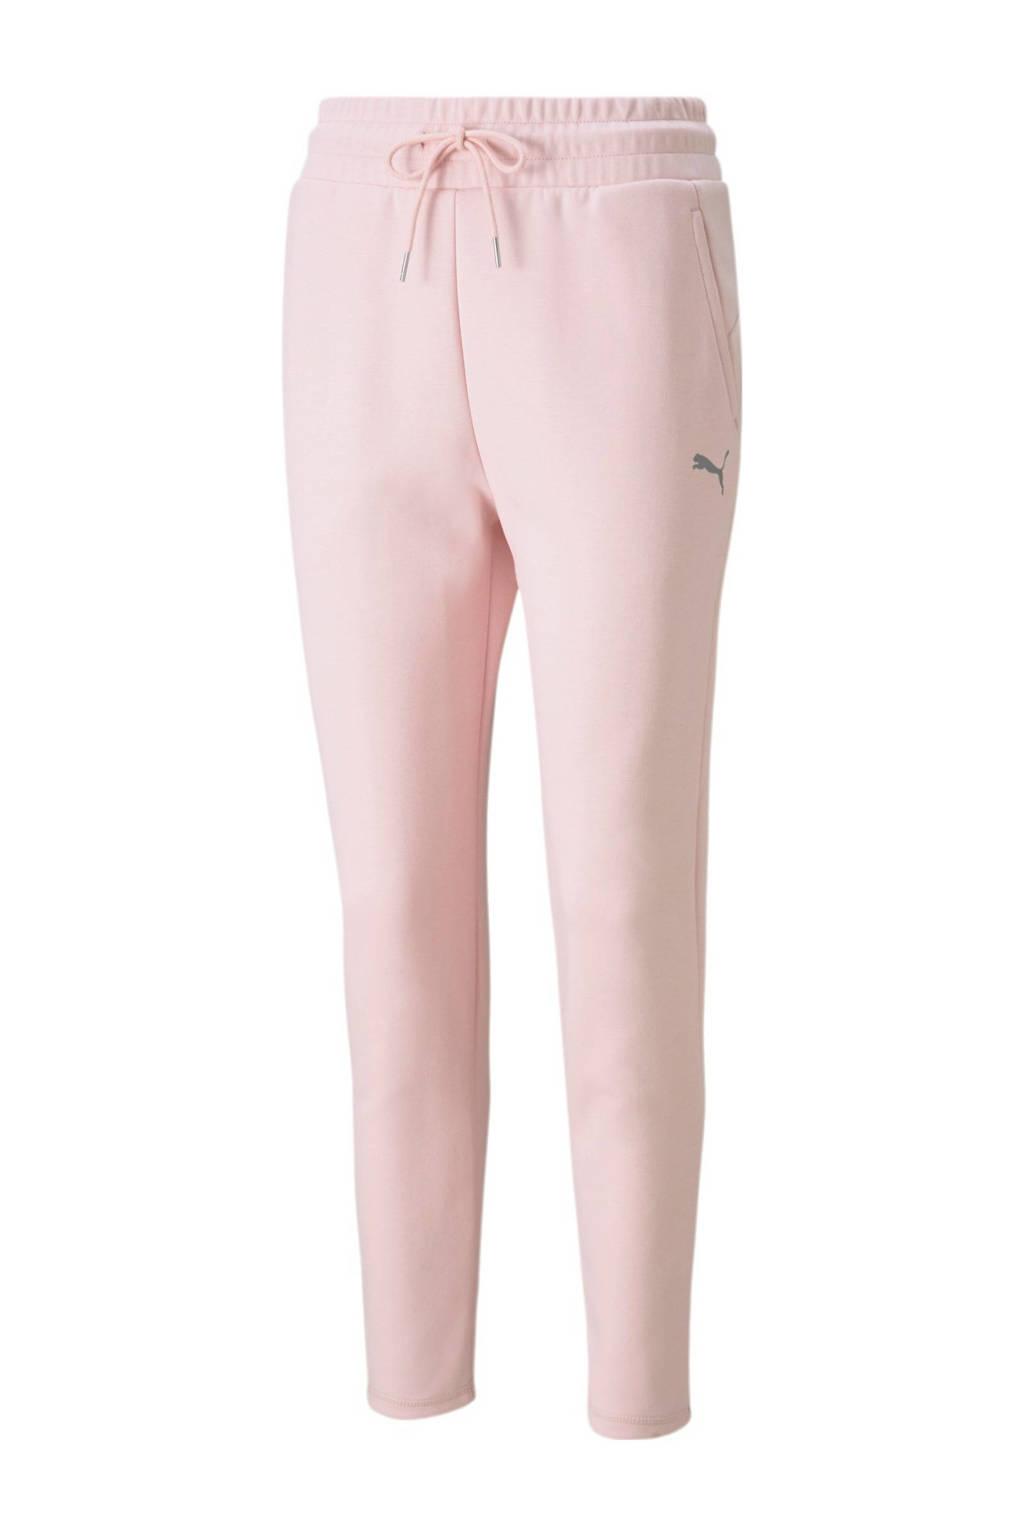 Puma regular fit broek met logo lichtroze, Lichtroze